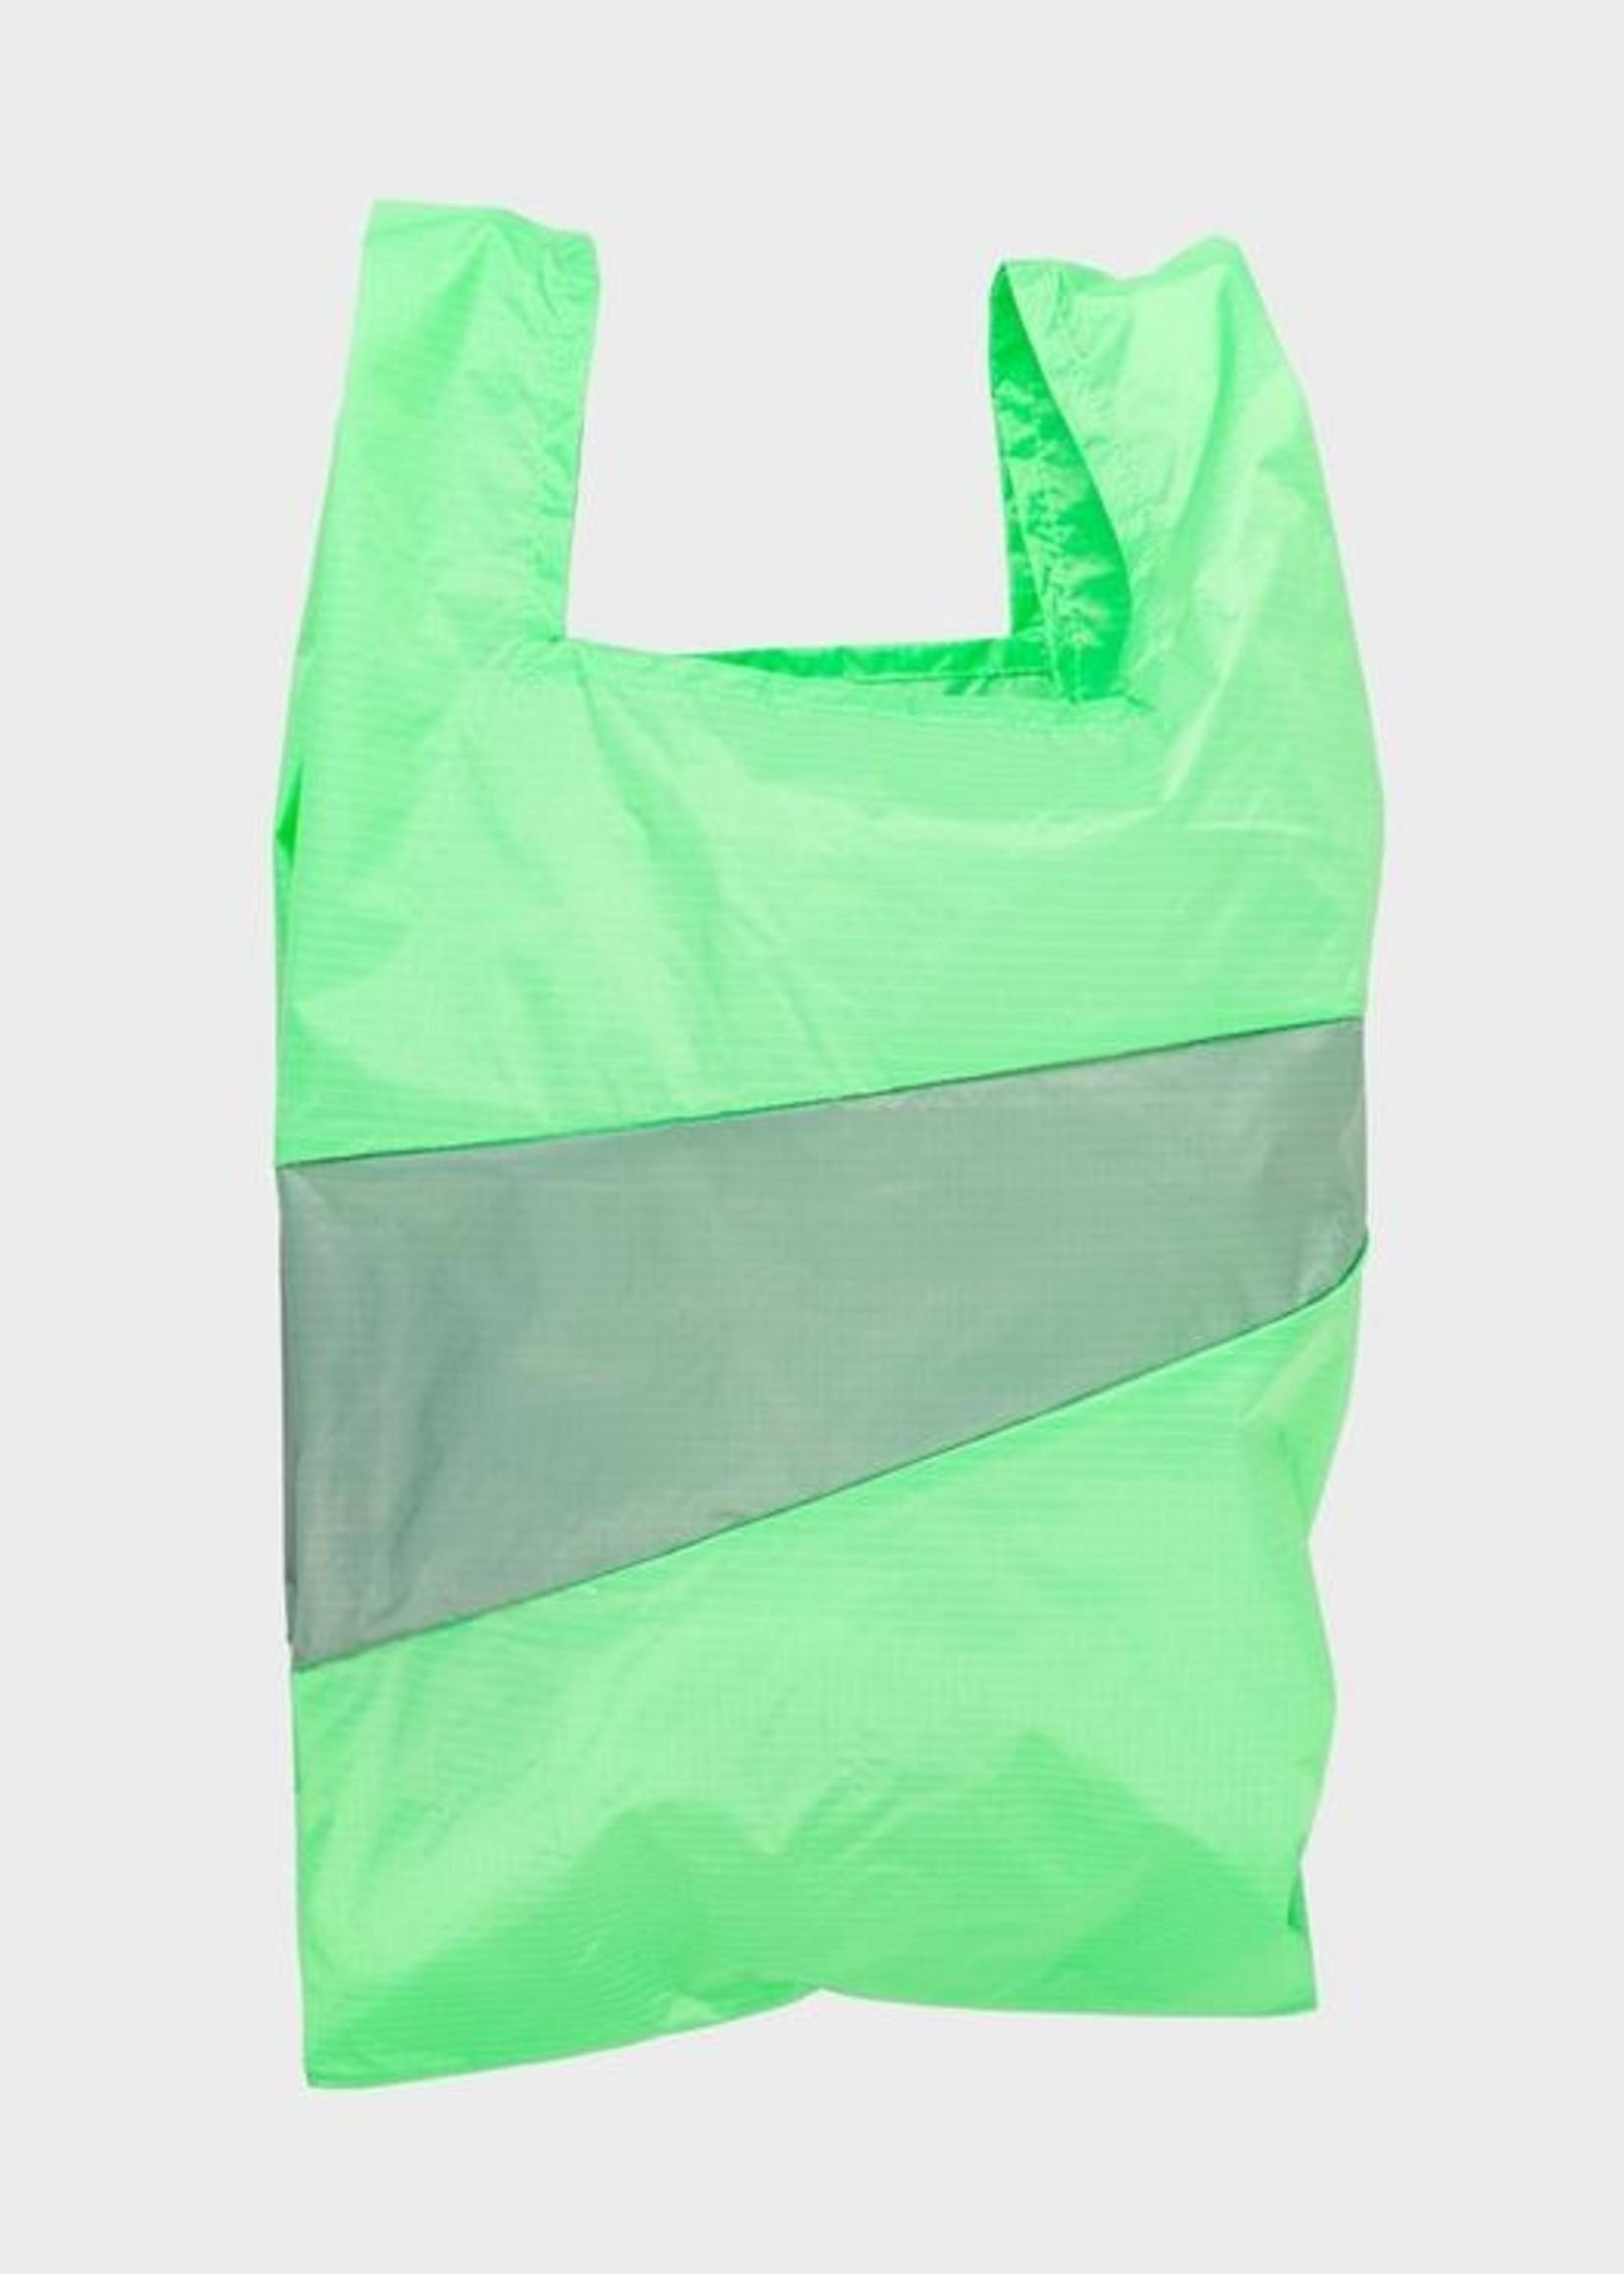 Shopping bag - Large